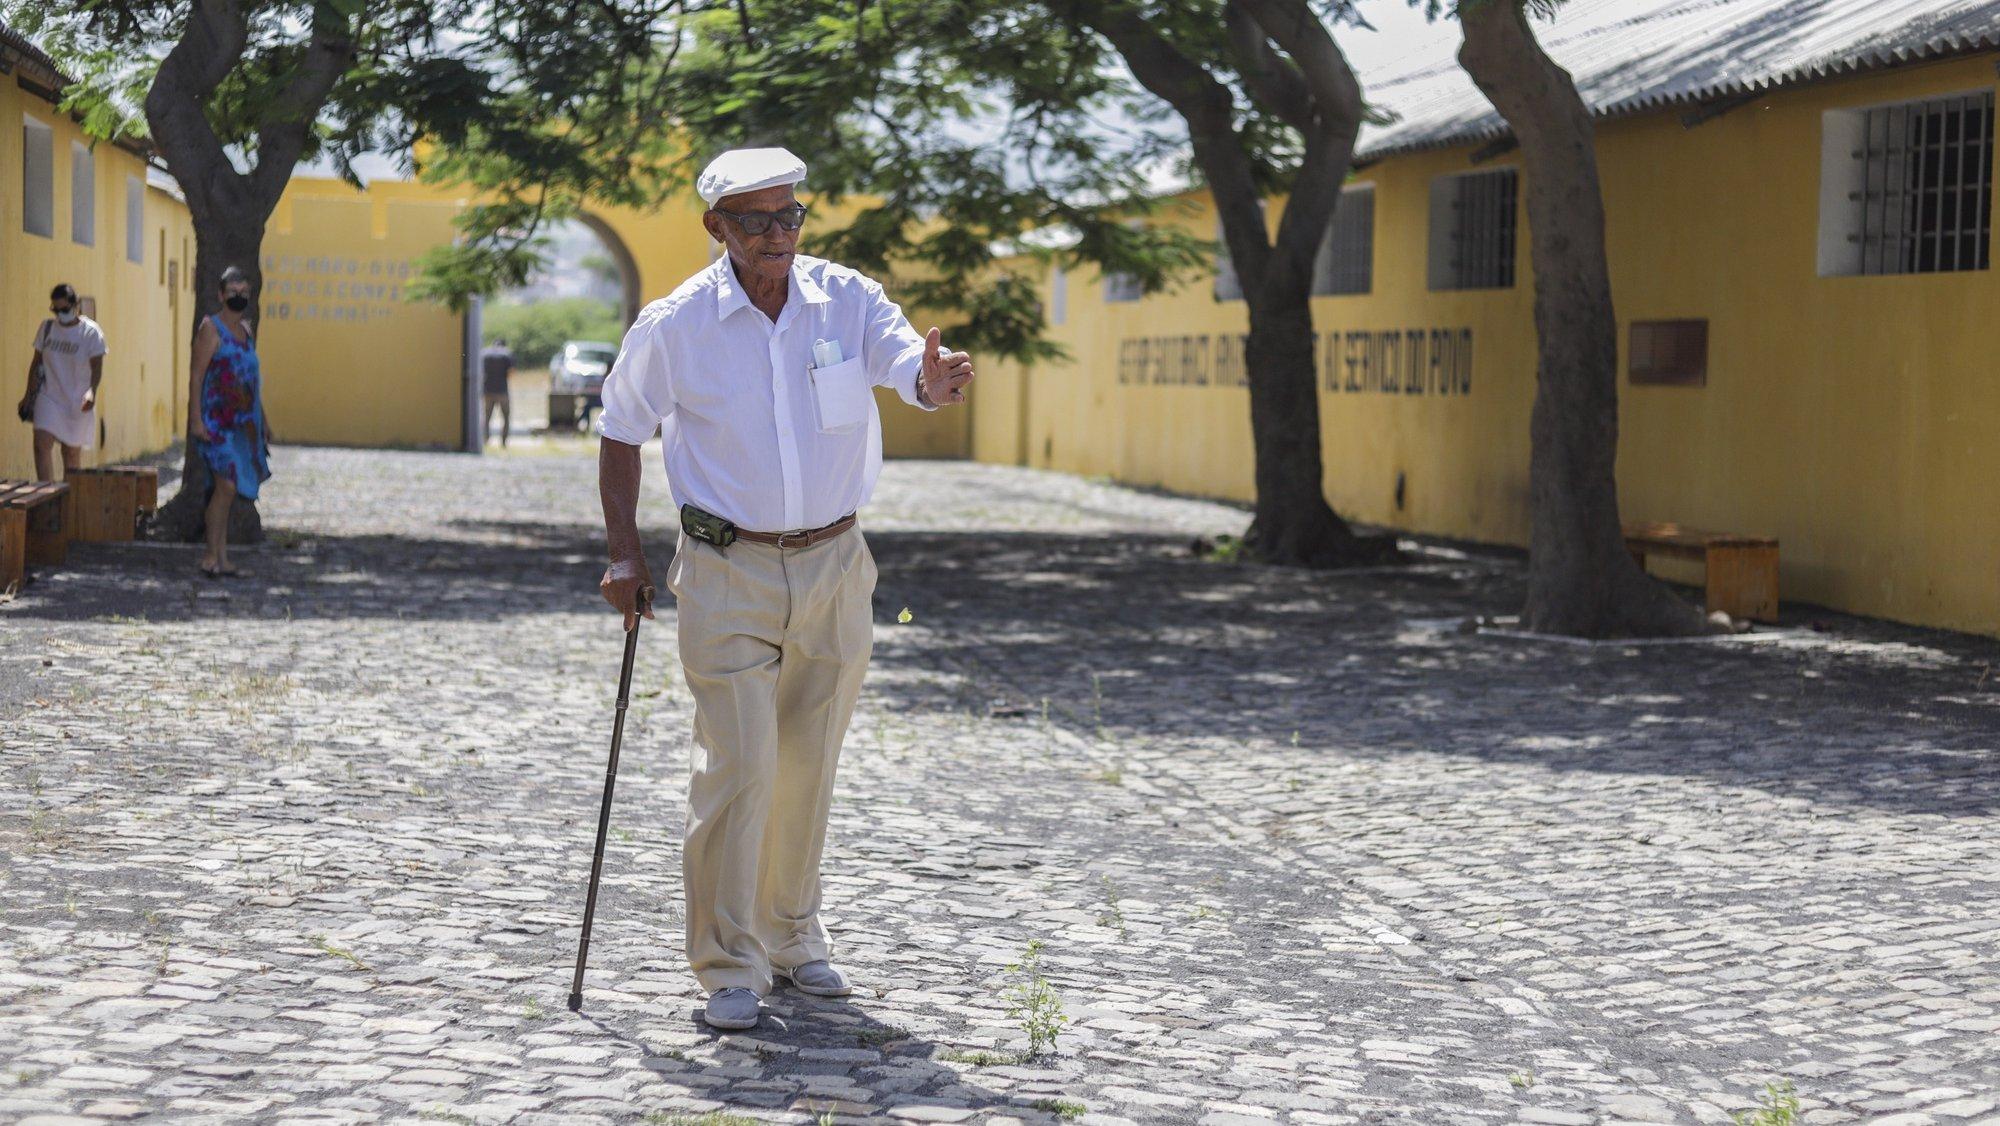 """Nhuné conheceu a então Colónia Penal do Tarrafal quando ia receber comida da mão dos presos portugueses no portão, mas foi no """"Campo da Morte Lenta"""" que teve o seu primeiro emprego, como guarda, enquanto levava recados para fora, Tarrafal, Cabo Verde, 21 de outubro de 2021. Há precisamente 85 anos, em 29 de outubro de 1936, chegaram à Colónia Penal do Tarrafal, em construção, os primeiros 152 detidos antifascistas, obrigados a trabalhar sobre um sol escaldante na construção do muro que seria a própria prisão. (ACOMPANHA TEXTO DE 25 DE OUTUBRO DE 2021). ELTON MONTEIRO/LUSA"""